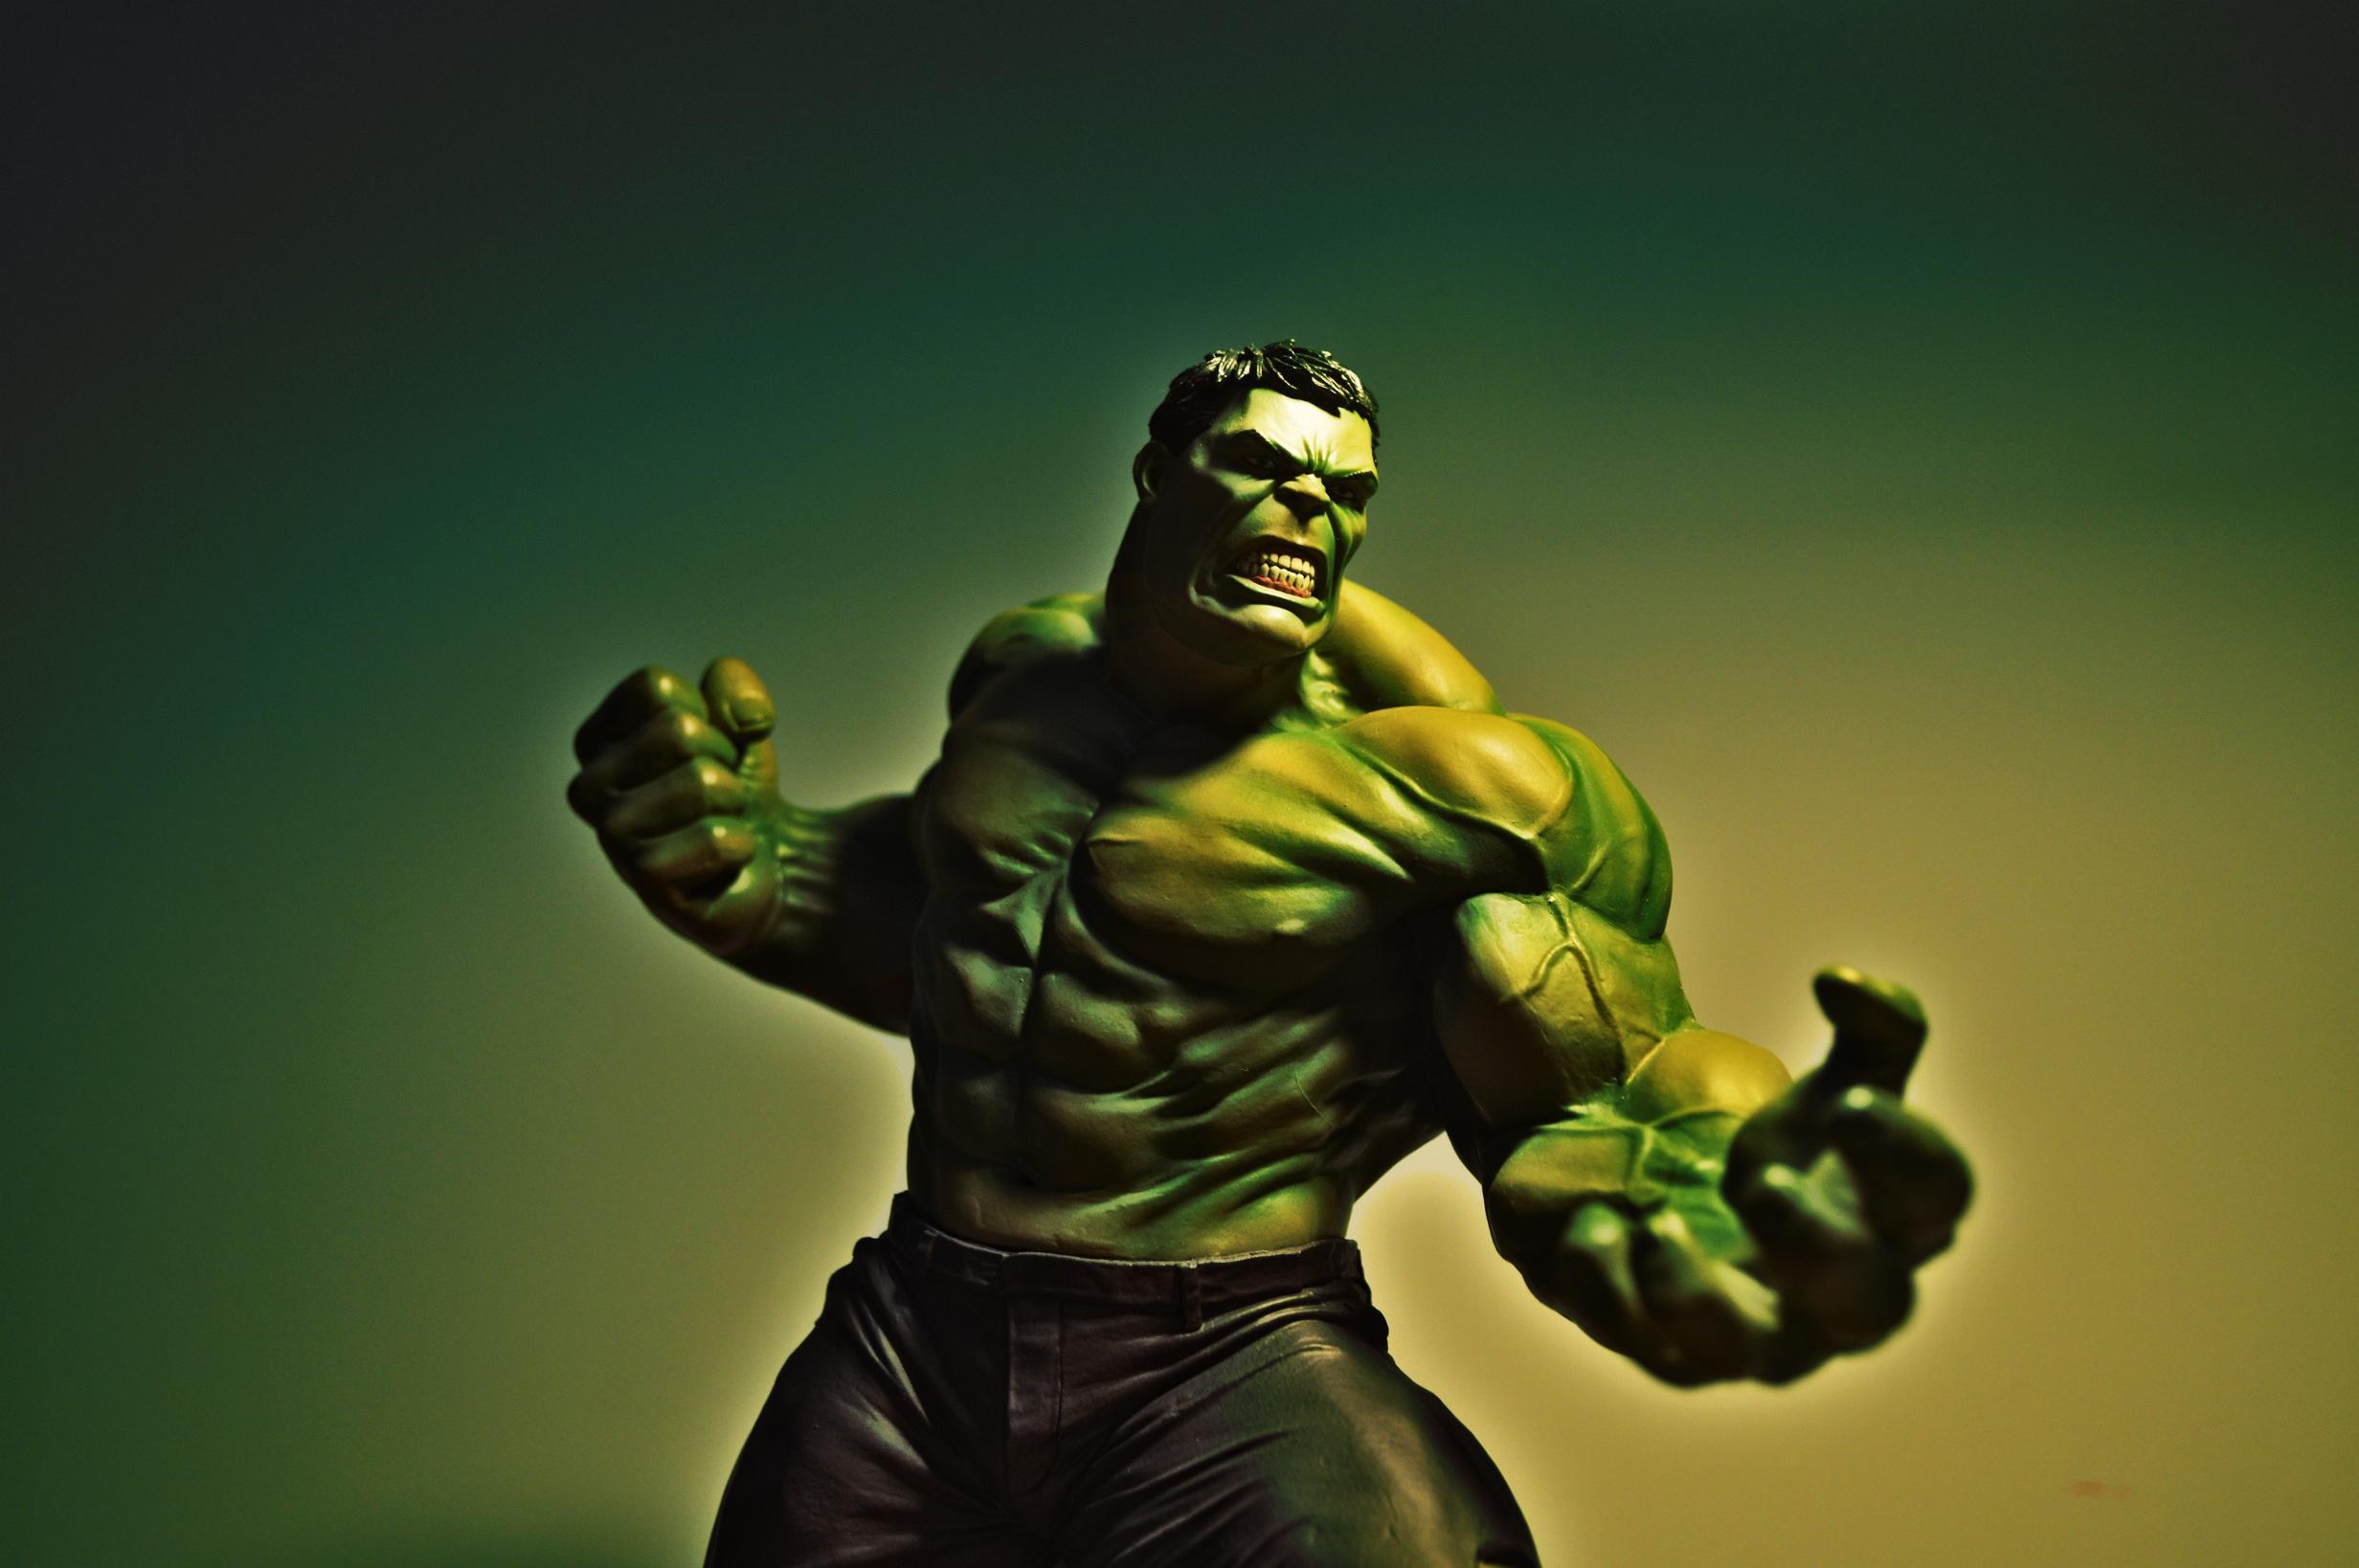 Hulk, Θαύμα, υπερήρωα, δύναμη, μύες - Wallpapers HD - Professor-falken.com